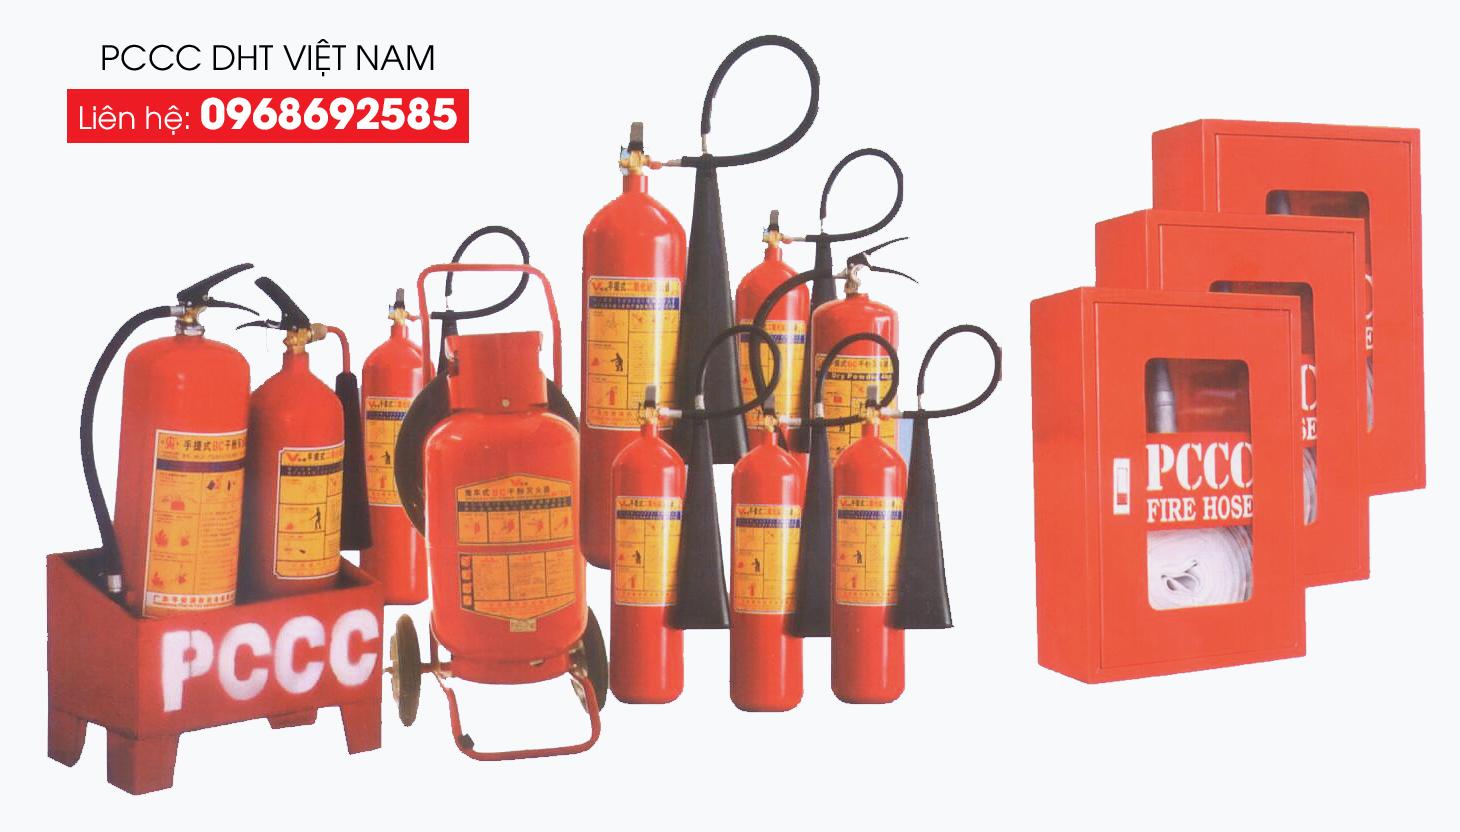 Địa chỉ mua các thiết bị phòng cháy chữa cháy